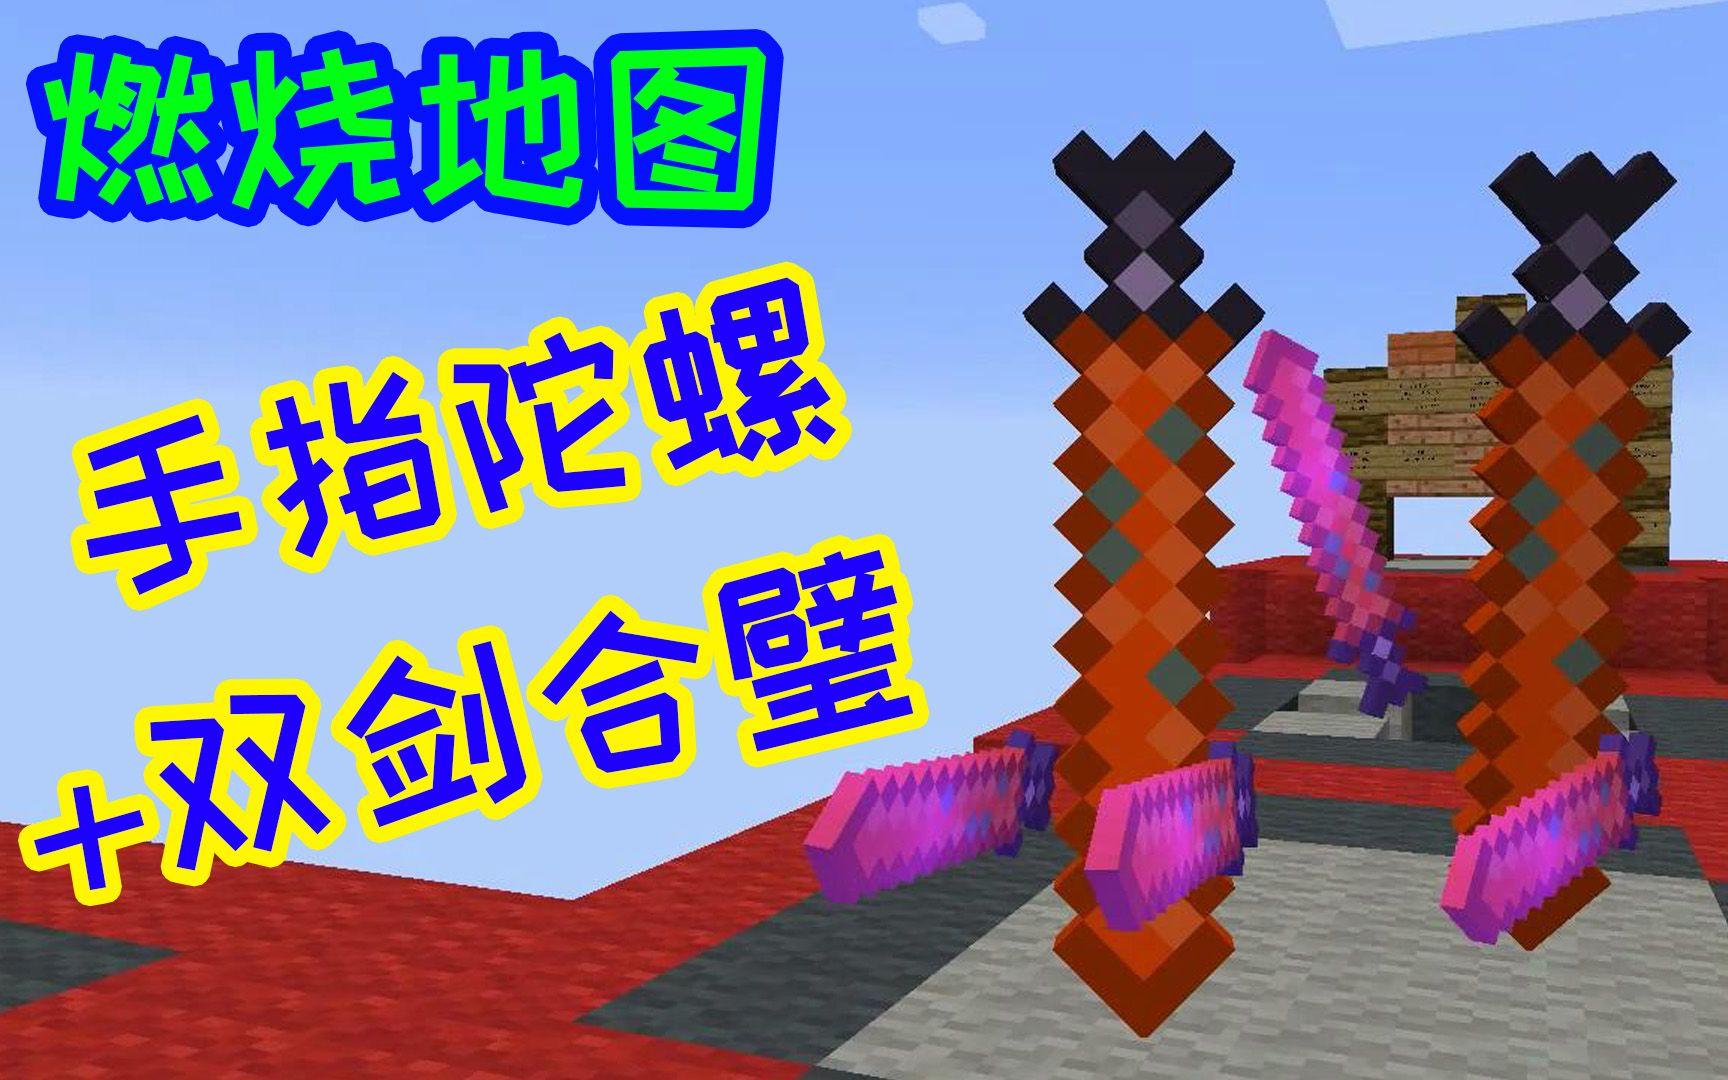 [宝妈趣玩]我的世界★燃烧地图09:手指陀螺+双剑合璧!(联机)minecraft图片